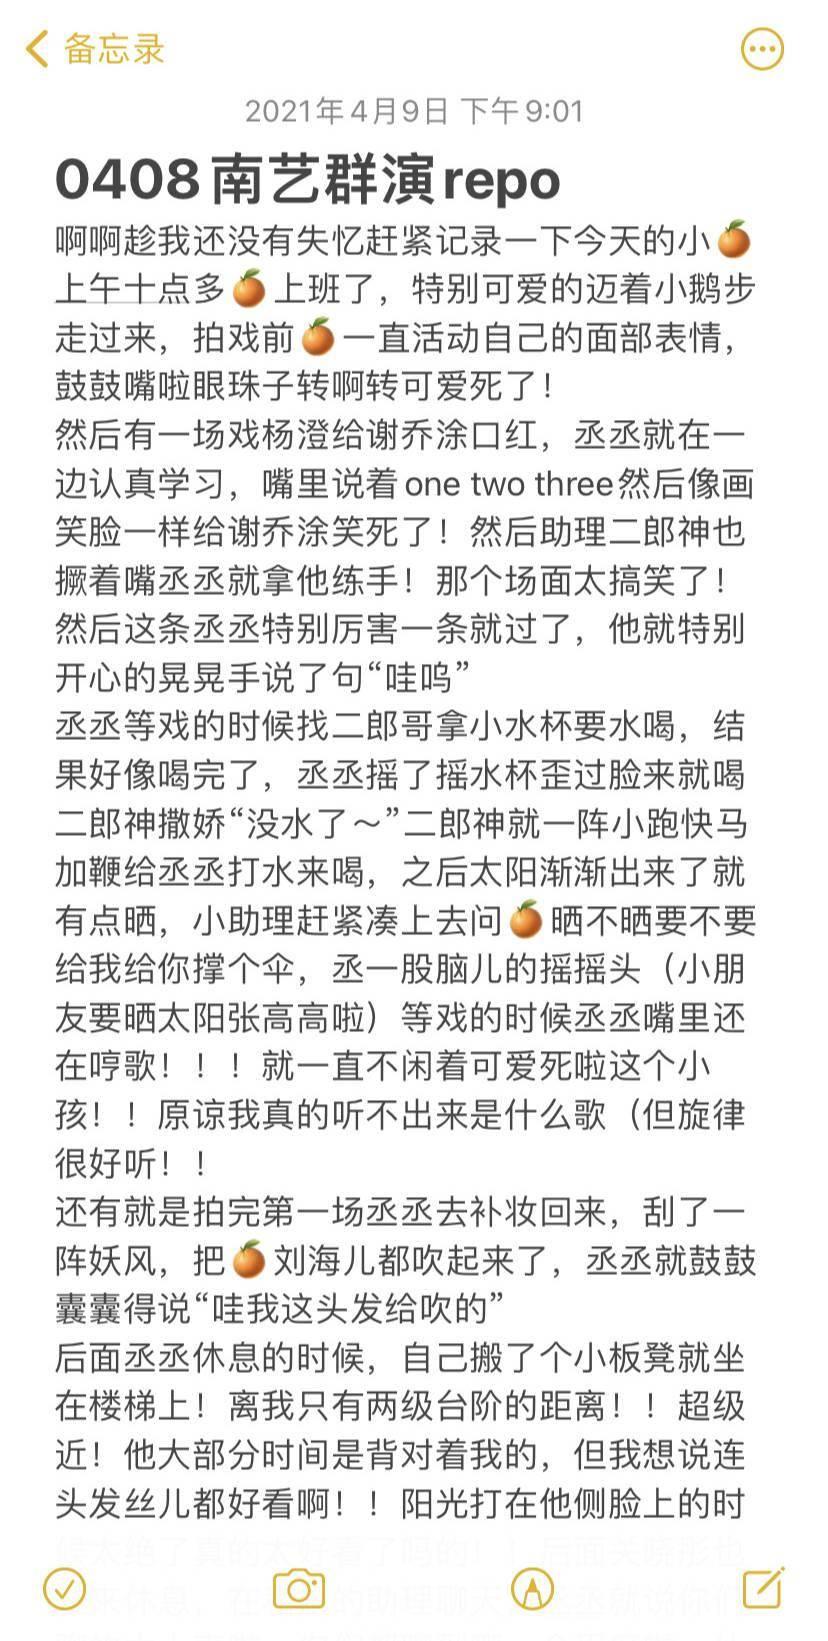 粉丝分享在《曾少年》当群演repo 范丞丞的可爱透过文字都要满出来啦!